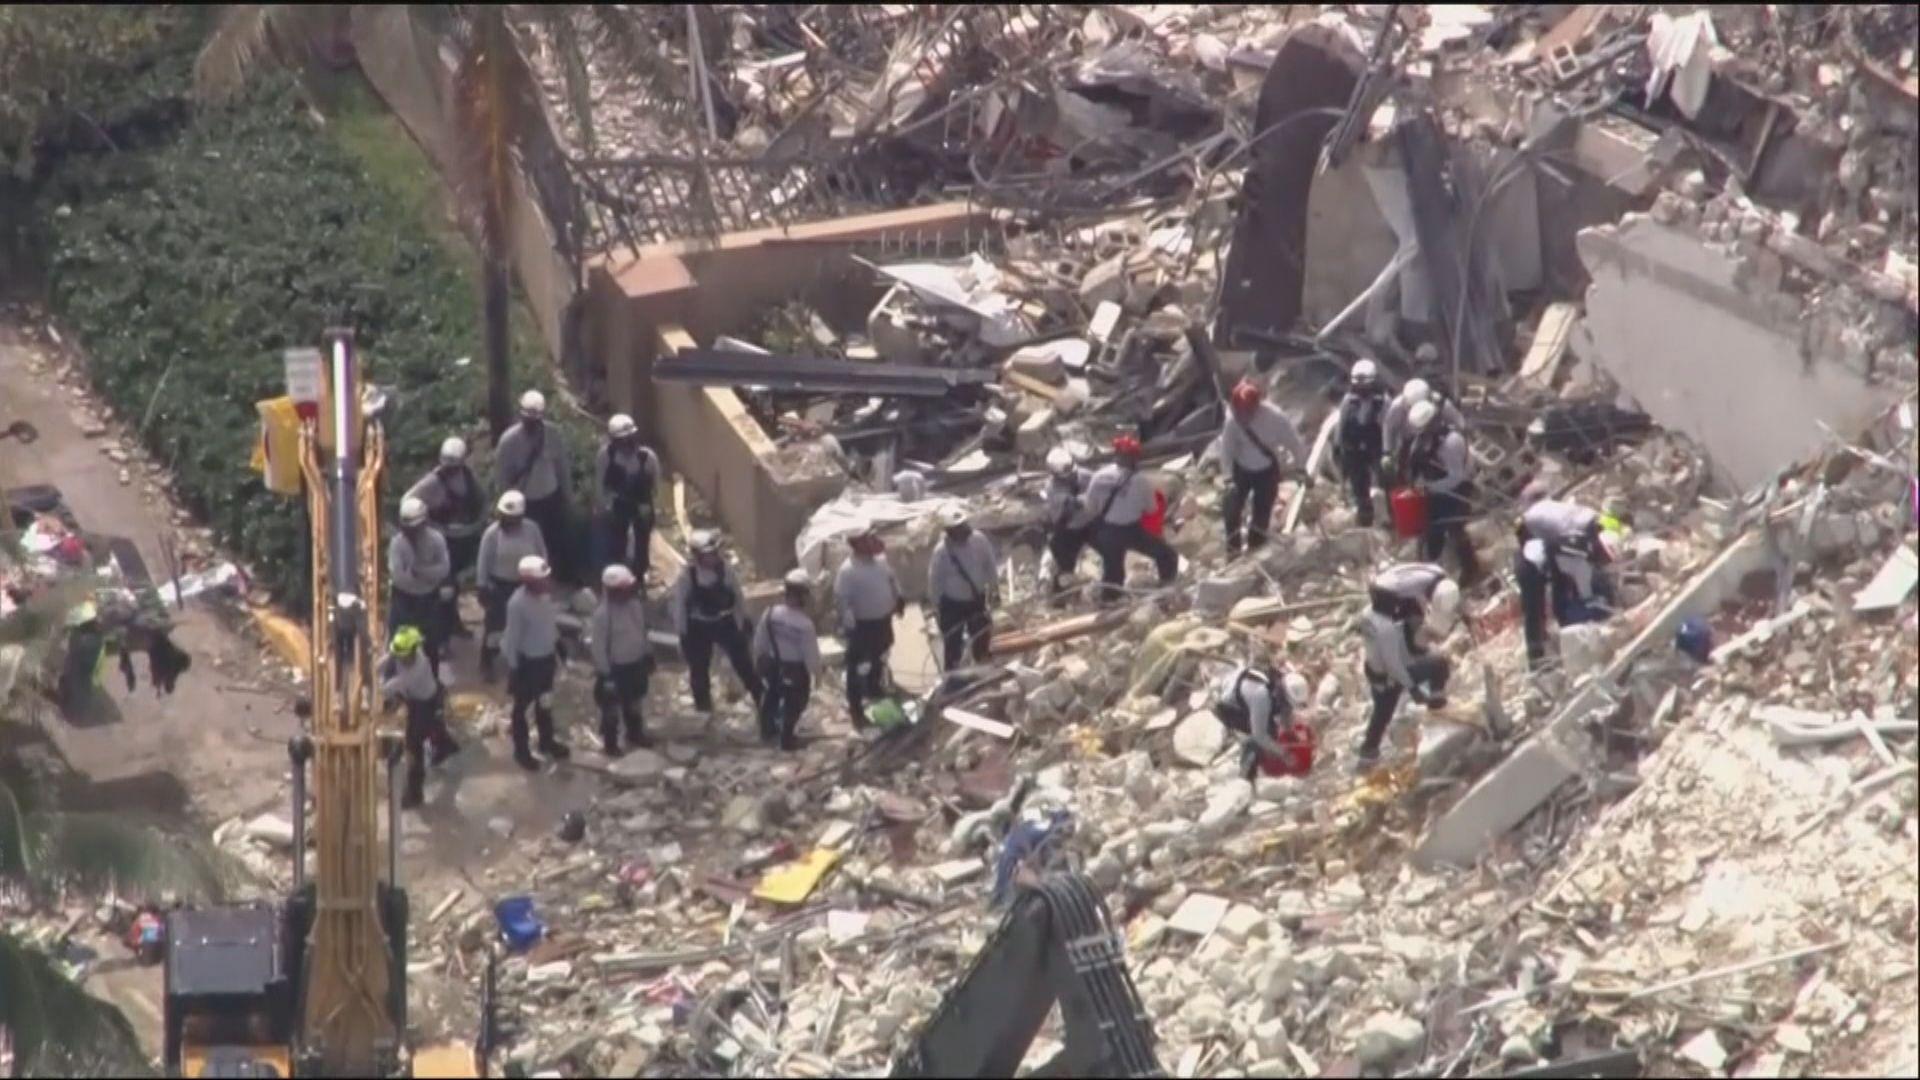 沐鸣2娱乐:佛羅里達州住宅大樓倒塌增至九死 逾